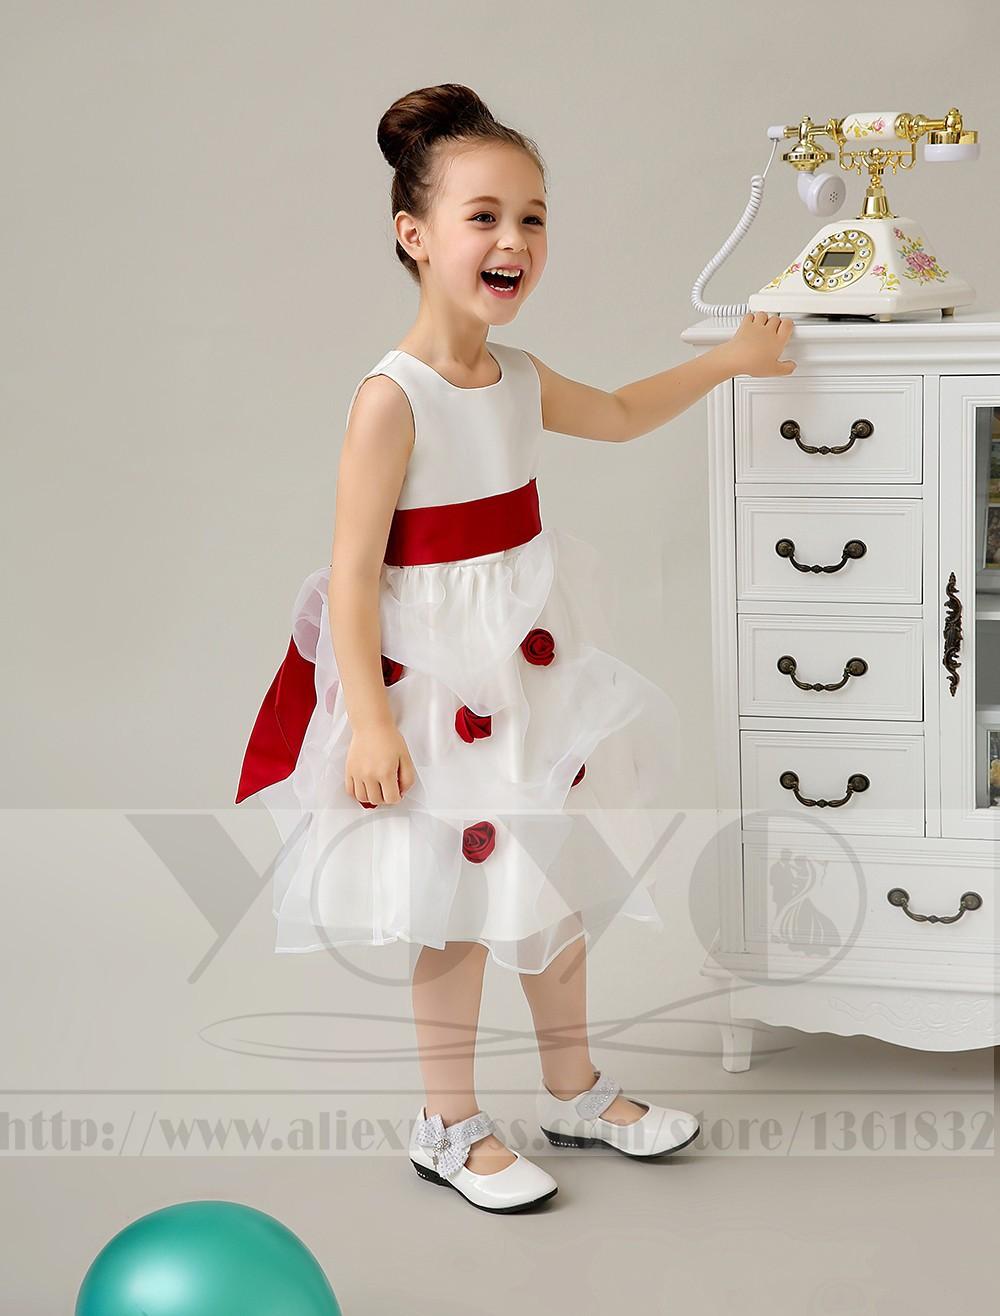 Скидки на Сатин, Тюль Строки маленькая Девочка Платья с красным поясом девочек свадебные платья вечернее платье маленькие девочки pageant Платья